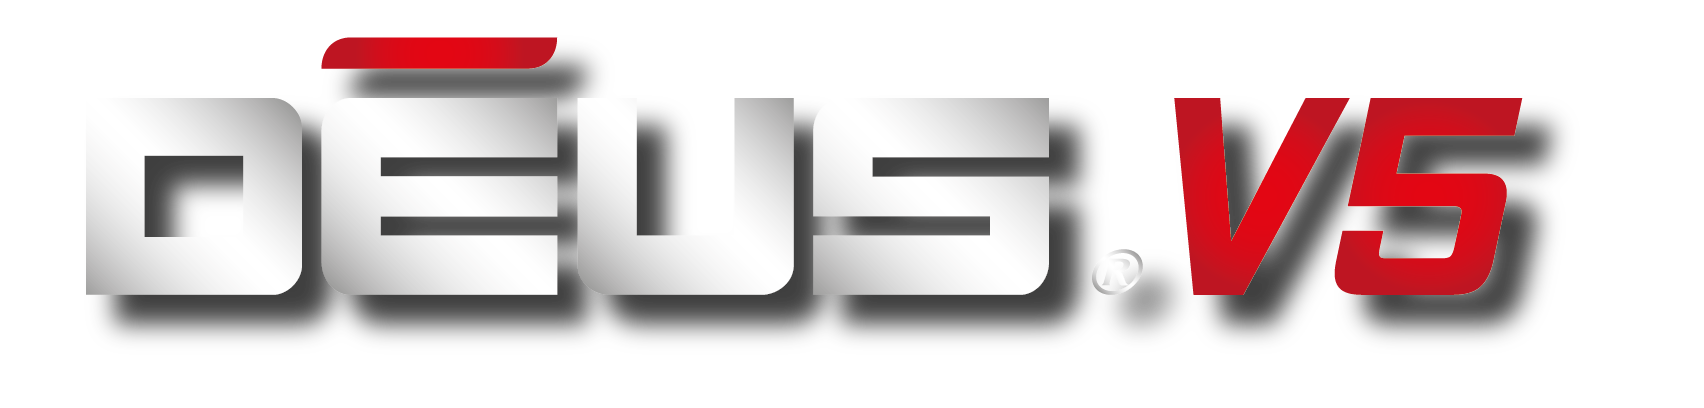 xp deus anichneyths chrusou logo